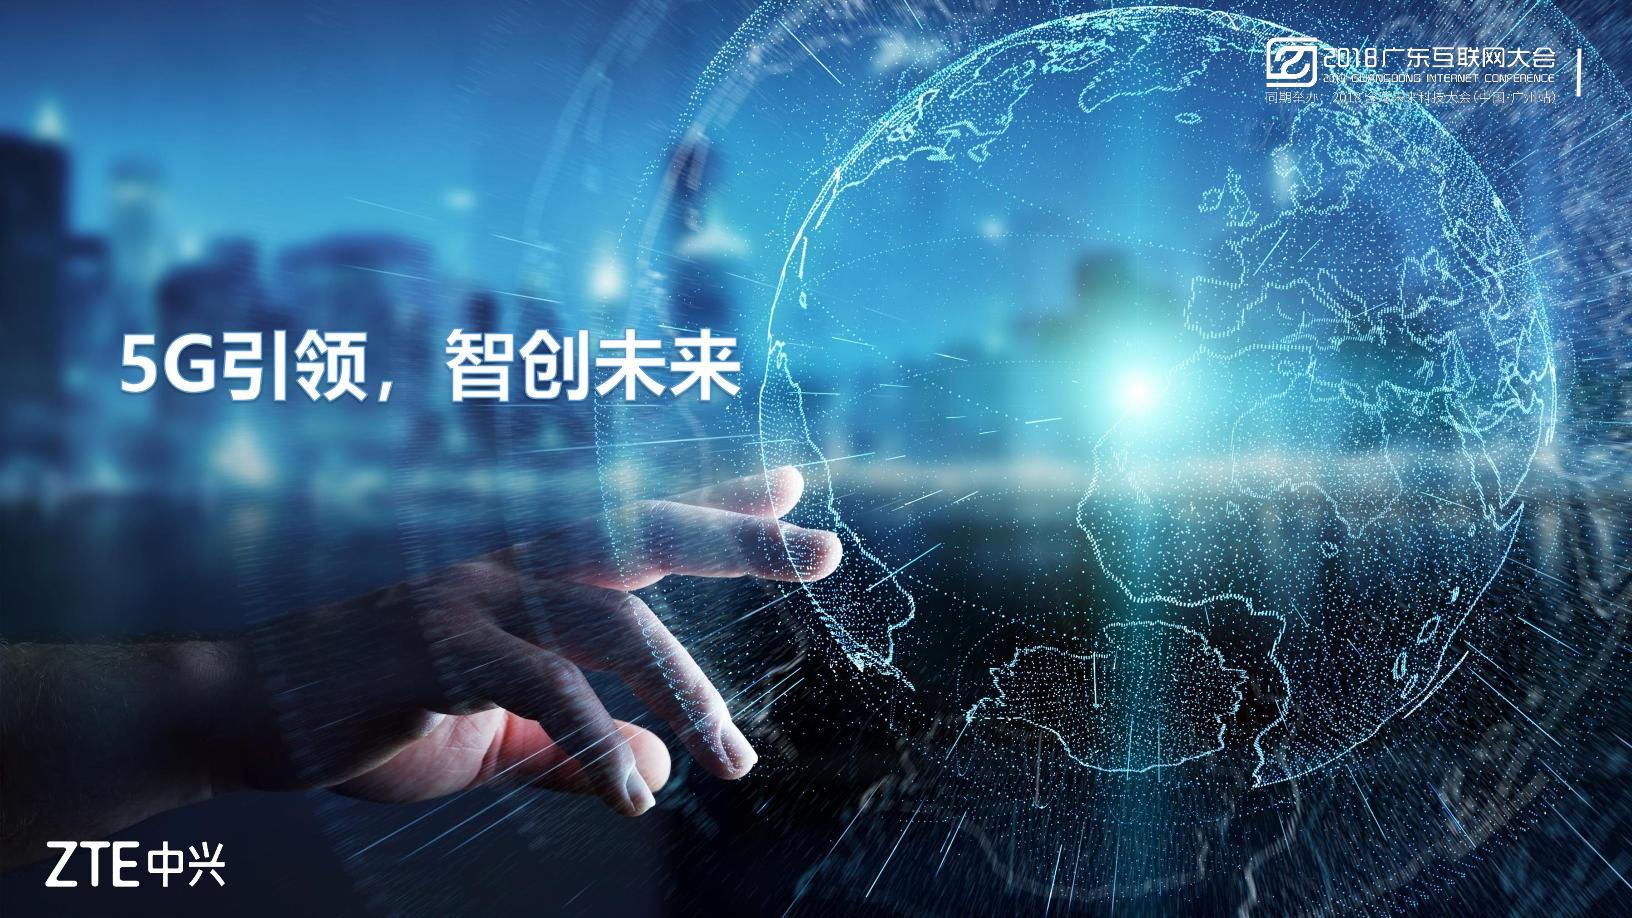 2018广东互联网大会演讲PPT 5G引领 智创未来 中兴